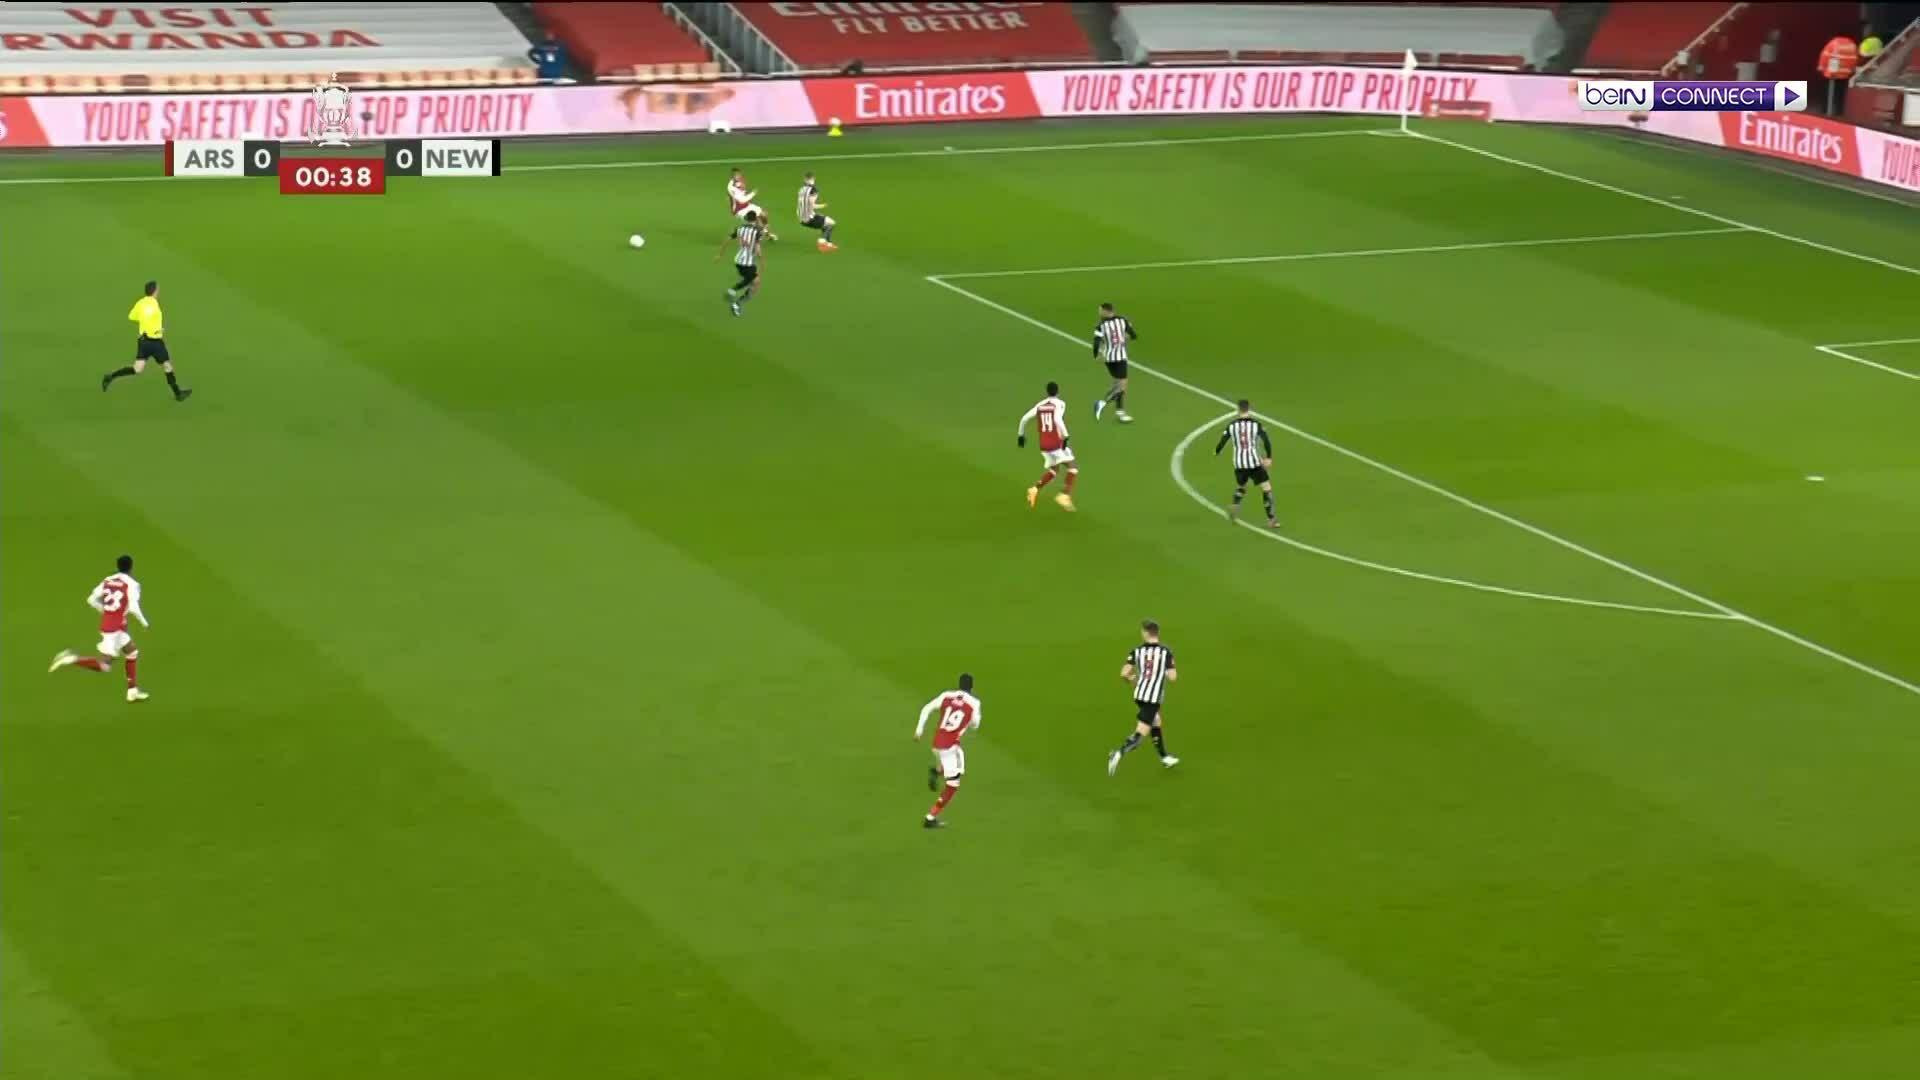 นิวคาสเซิลอาร์เซนอล 2-0